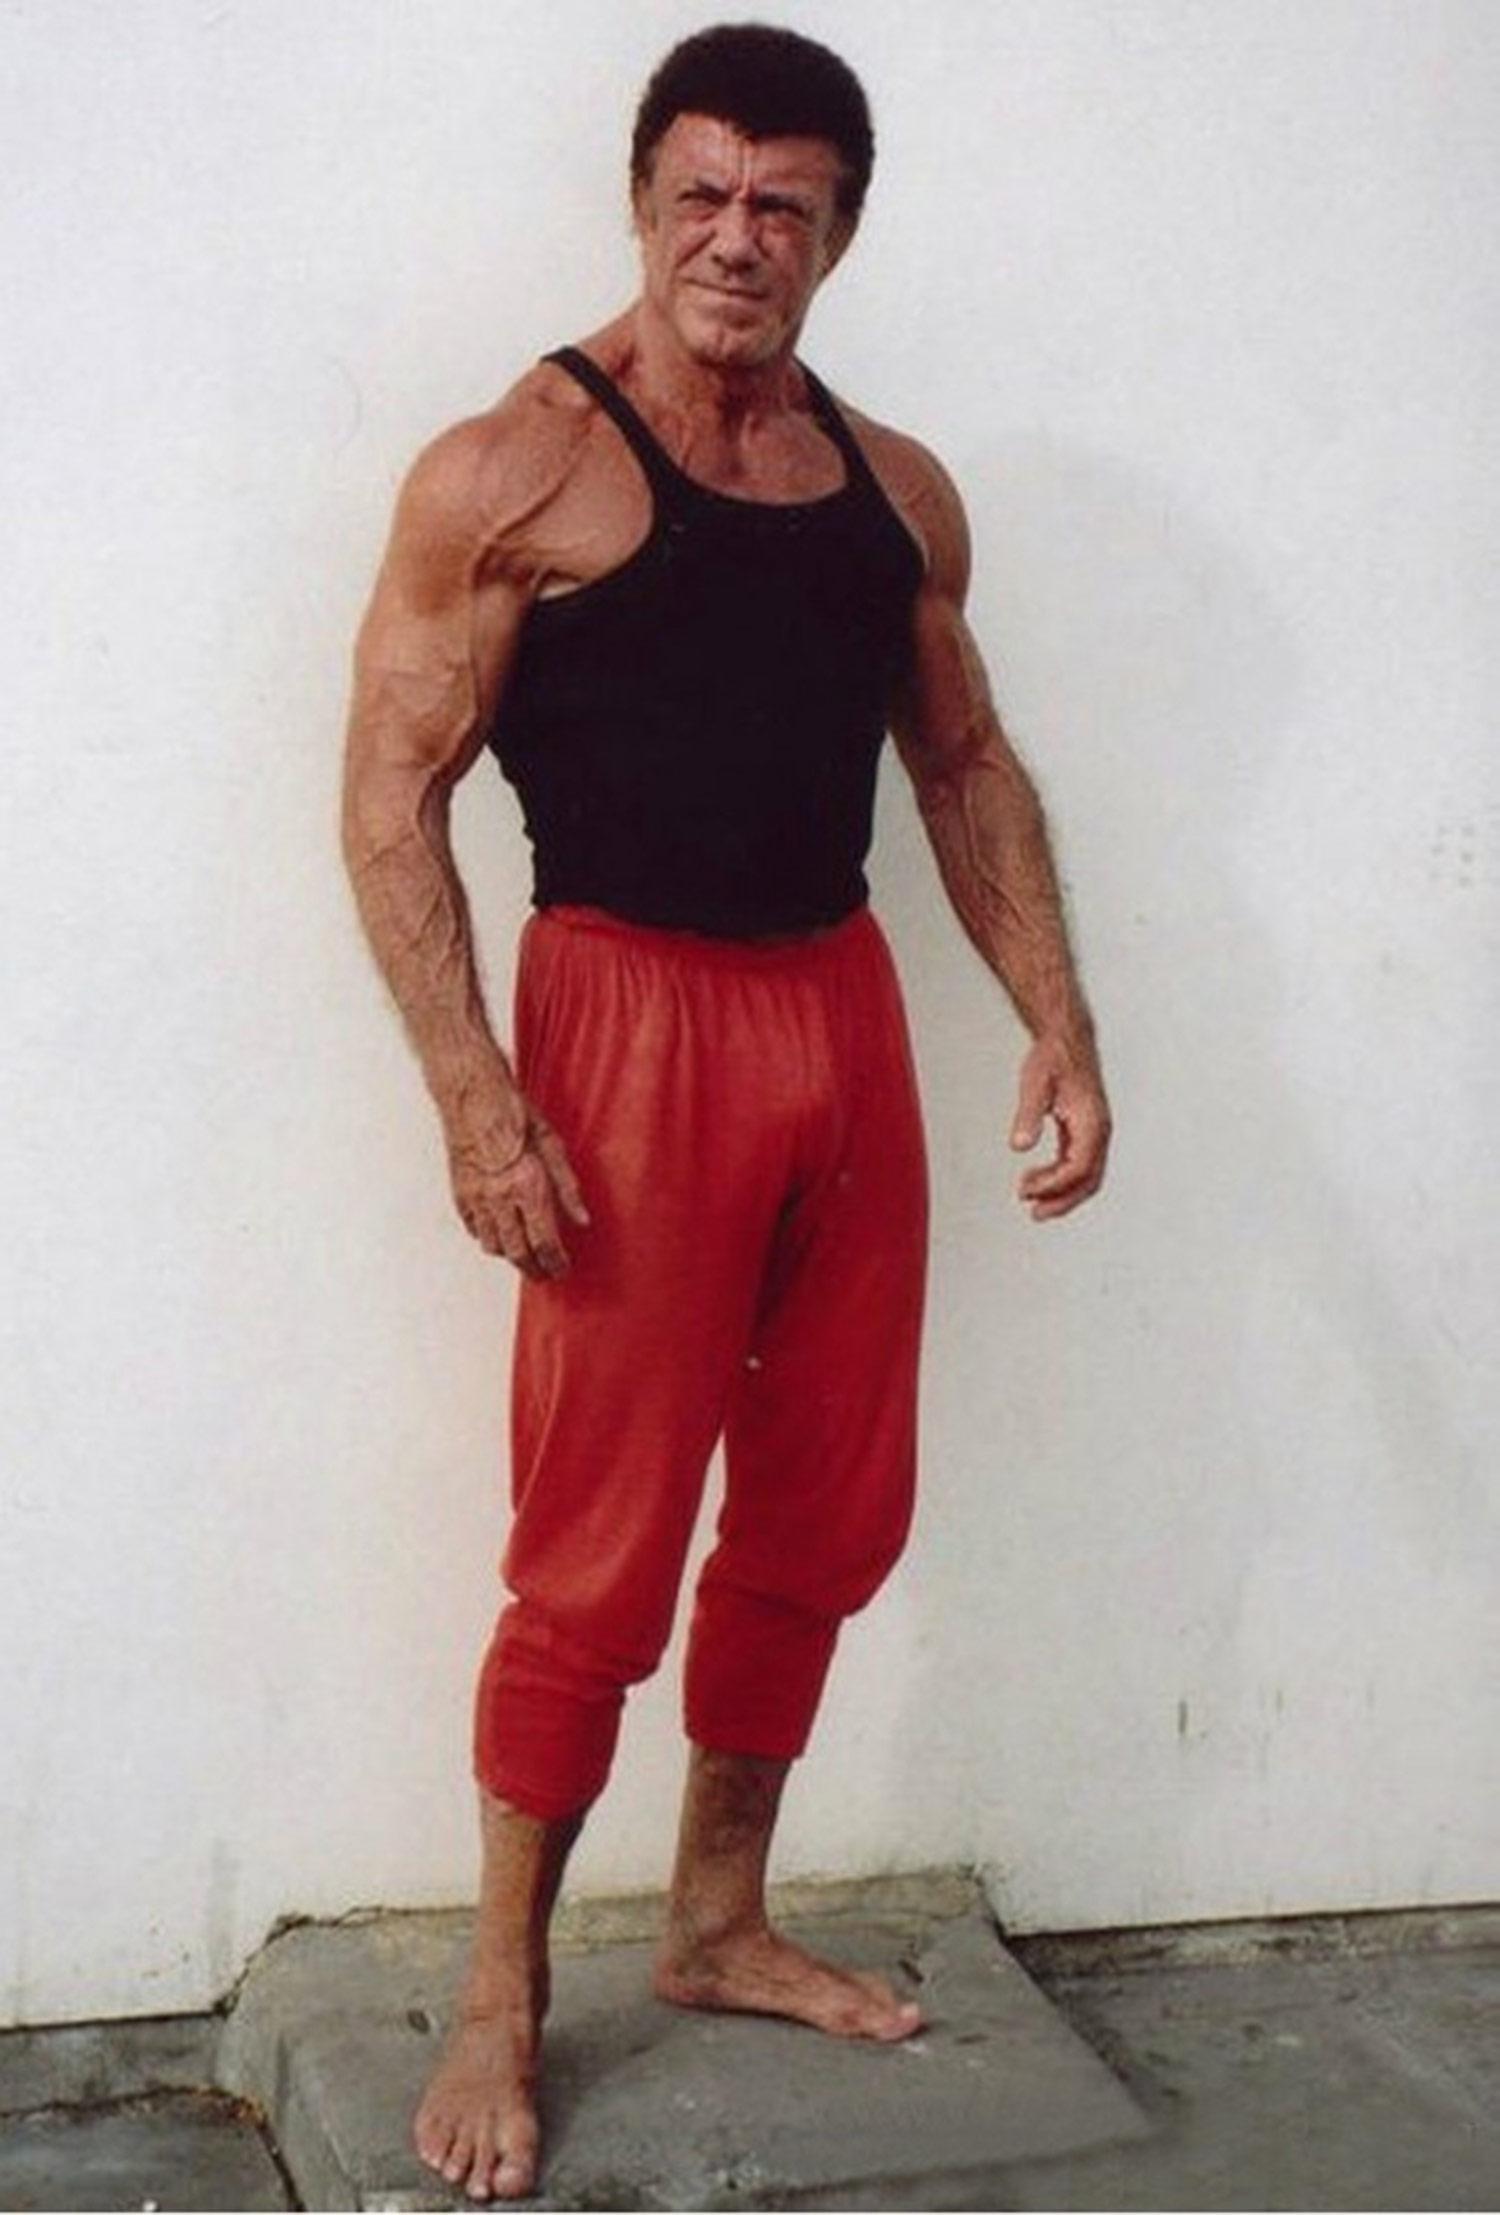 """Spencer Churchill, 74 años Un luchador profesional y un fisicoculturista increíble. Empezó a aumentar músculo cuando tenía 20 y en los siguientes 20 años se volvió muy importante en la comunidad fisicoculturista e incluso obtuvo el sobrenombre de """"Sr. Músculo Ilimitado."""""""